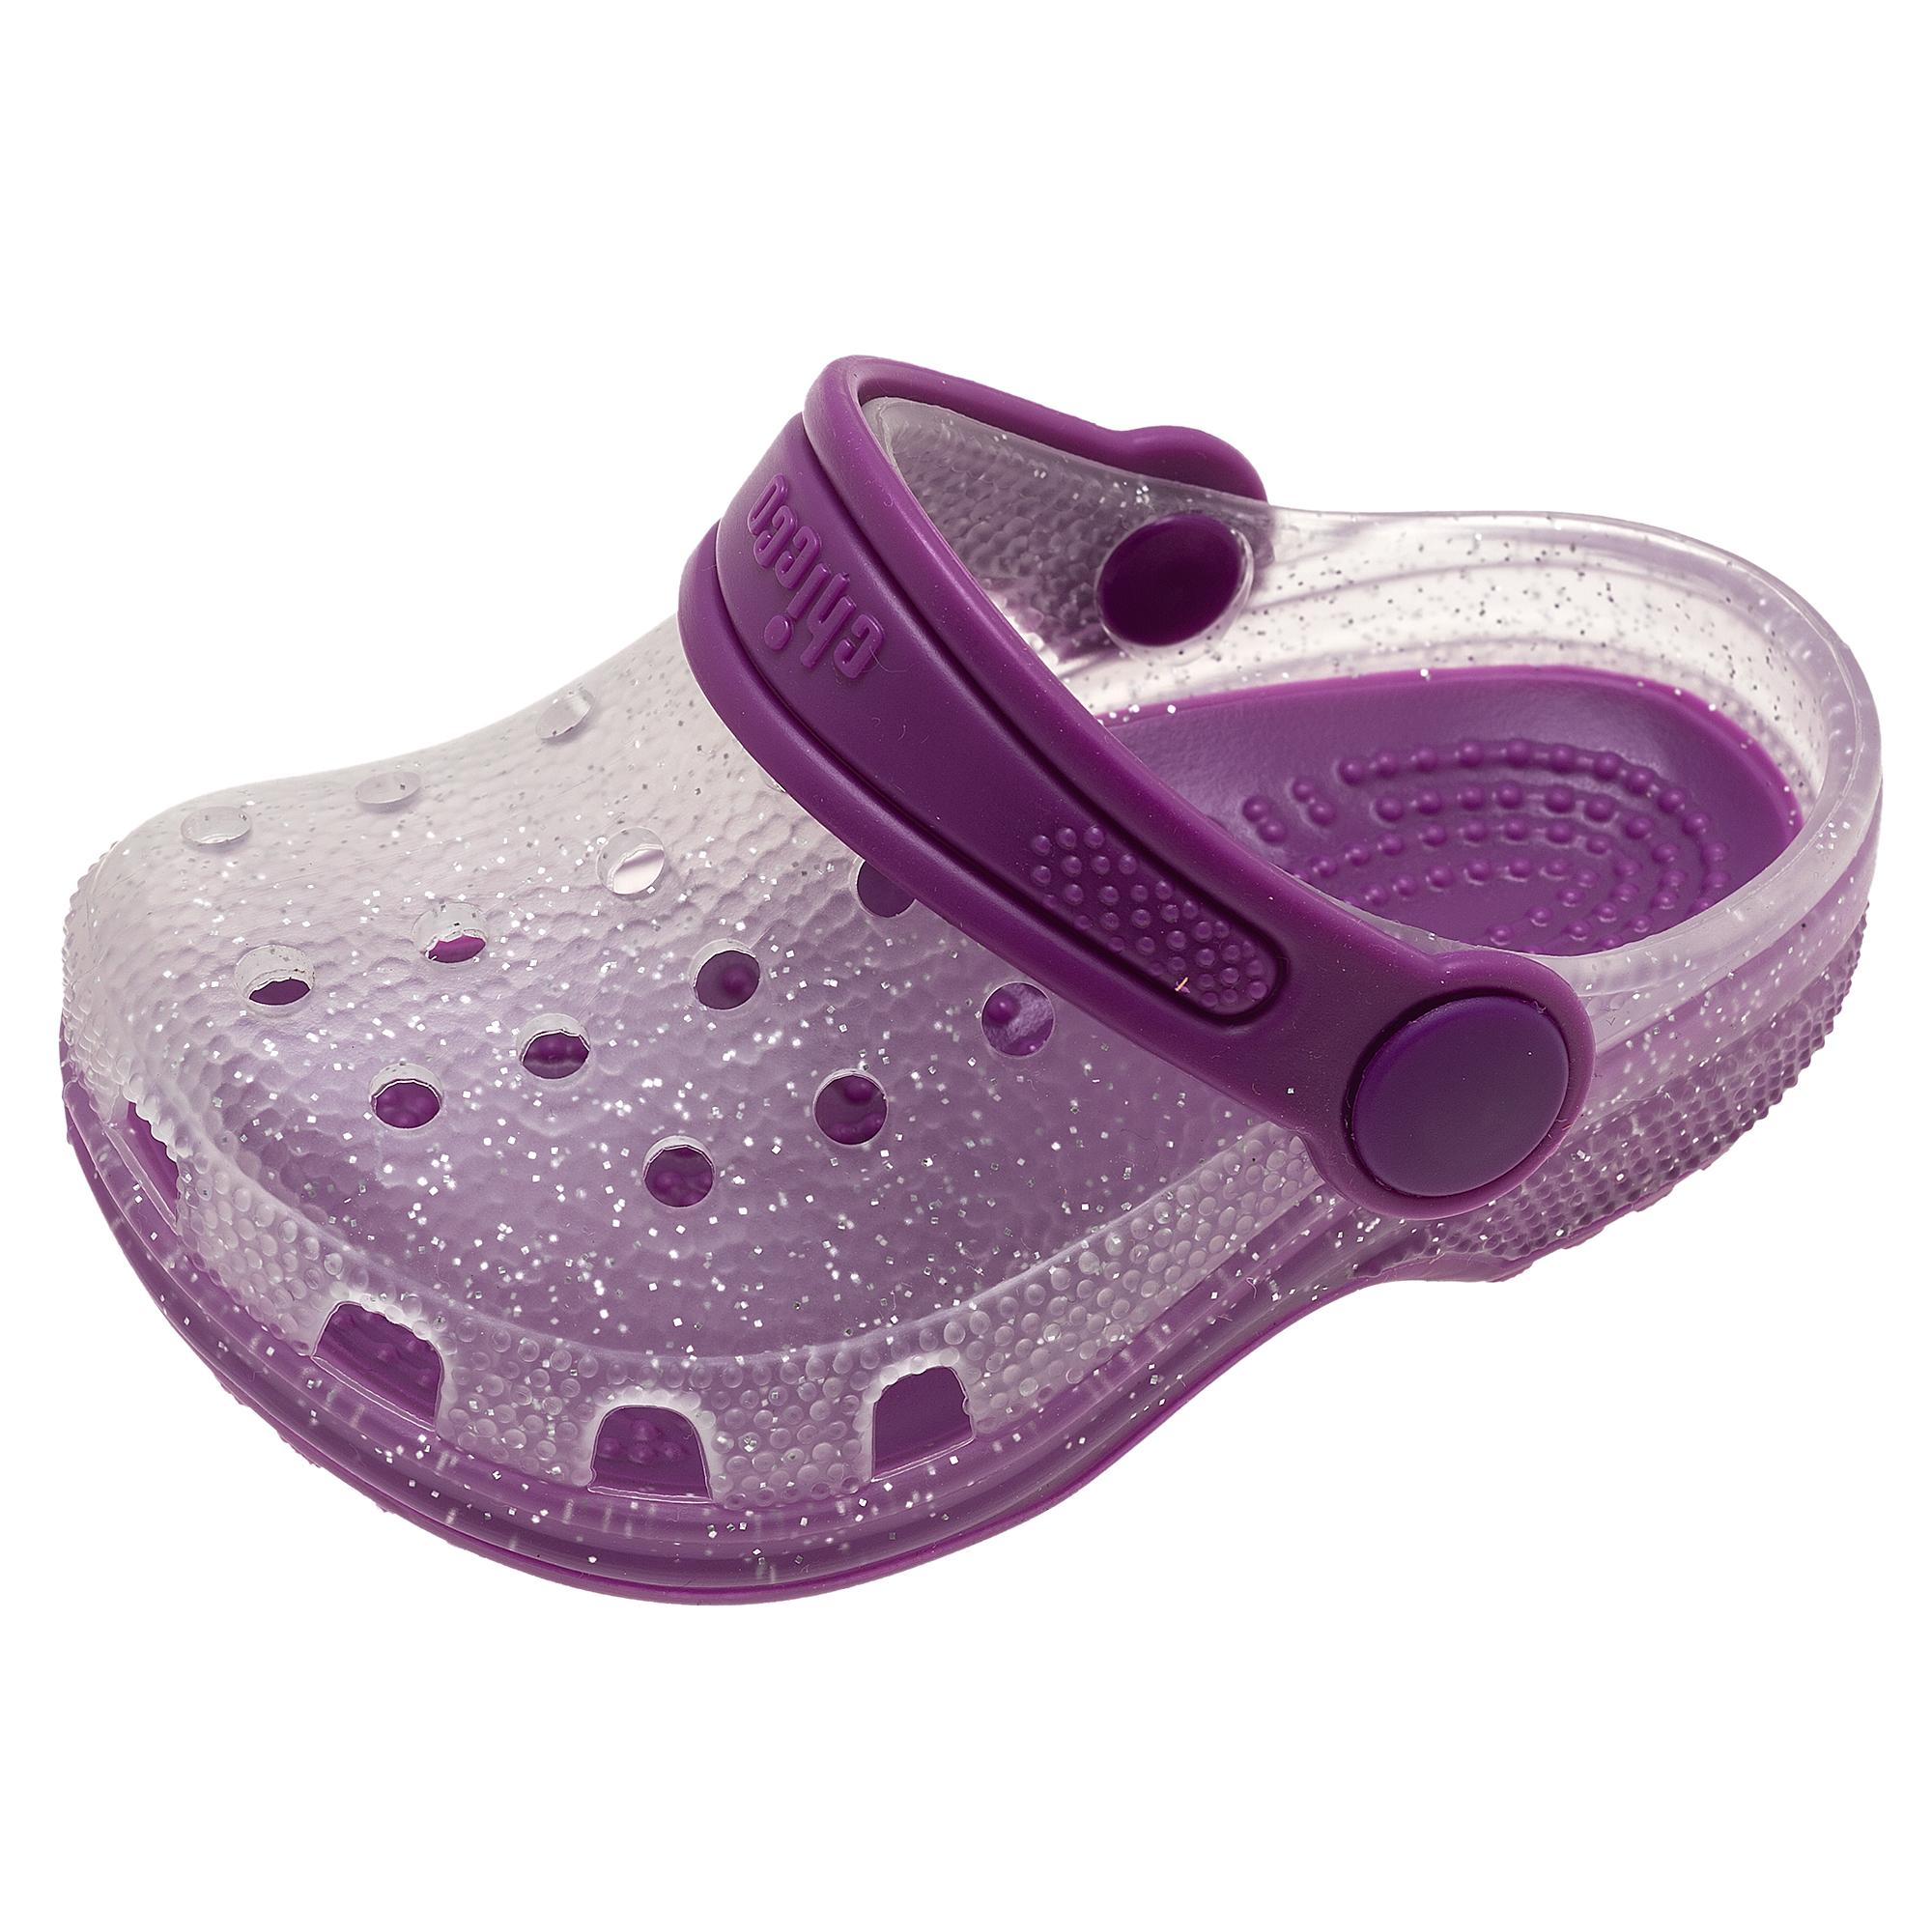 Papuci De Plaja Pentru Copii Chicco Martinez, Violet, 55746 imagine